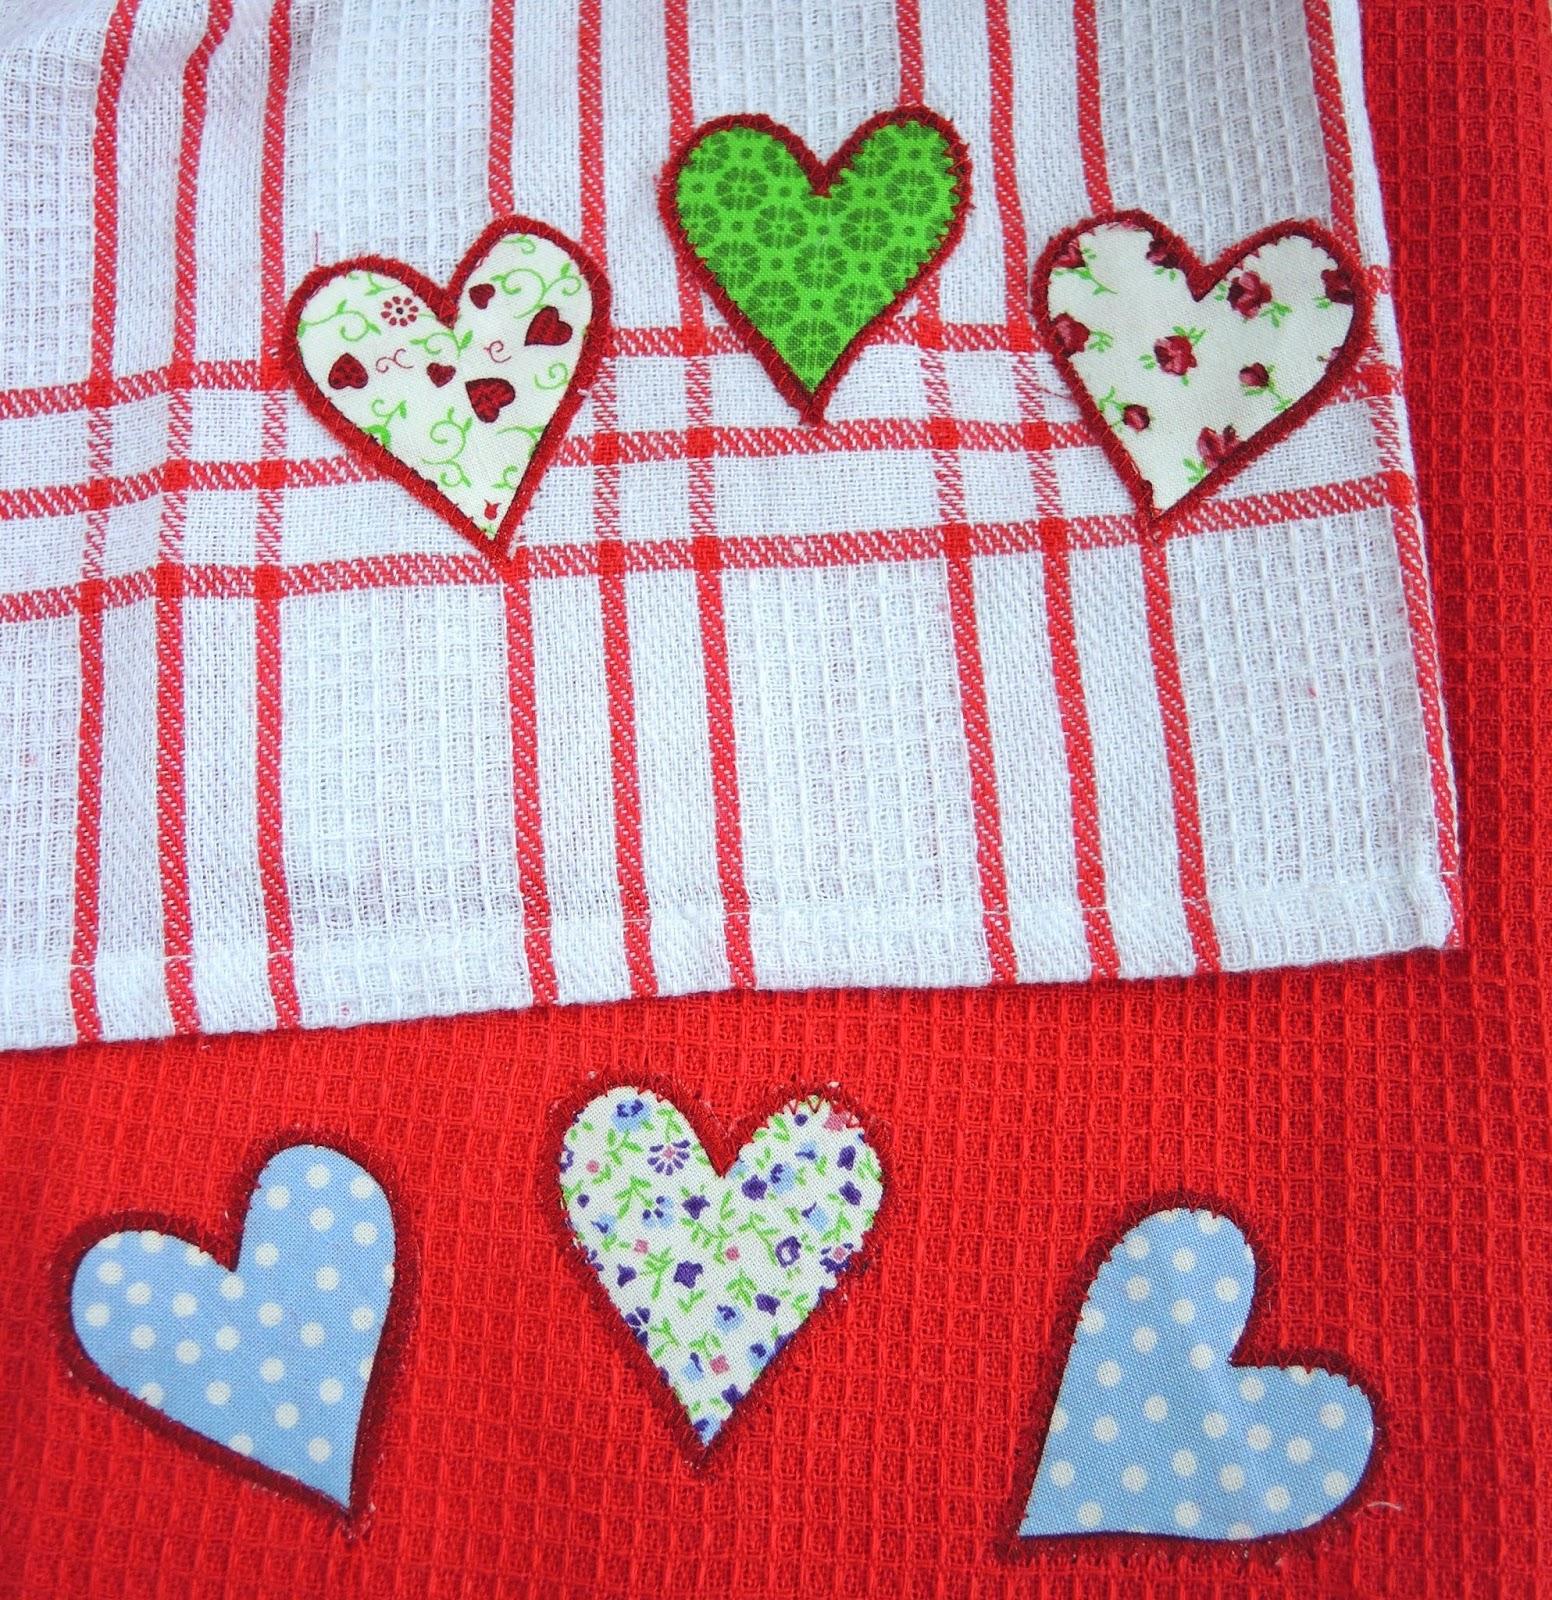 towel for the kitchen.jpg, applique, cotton, кухонные полотенца, набор кухонных полотенец, кухонное полотенце вафельное, кухонное полотенце своими руками, подарочные кухонные полотенца, набор кухонных полотенец подарочный, ткань для кухонных полотенец, красивые кухонные полотенца, как сшить кухонное полотенце, полотенце, полотенце для кухни, подарок своими руками, handmade, towel, towel for the kitchen, gift, present, хлопок, красный, клетка, аппликация